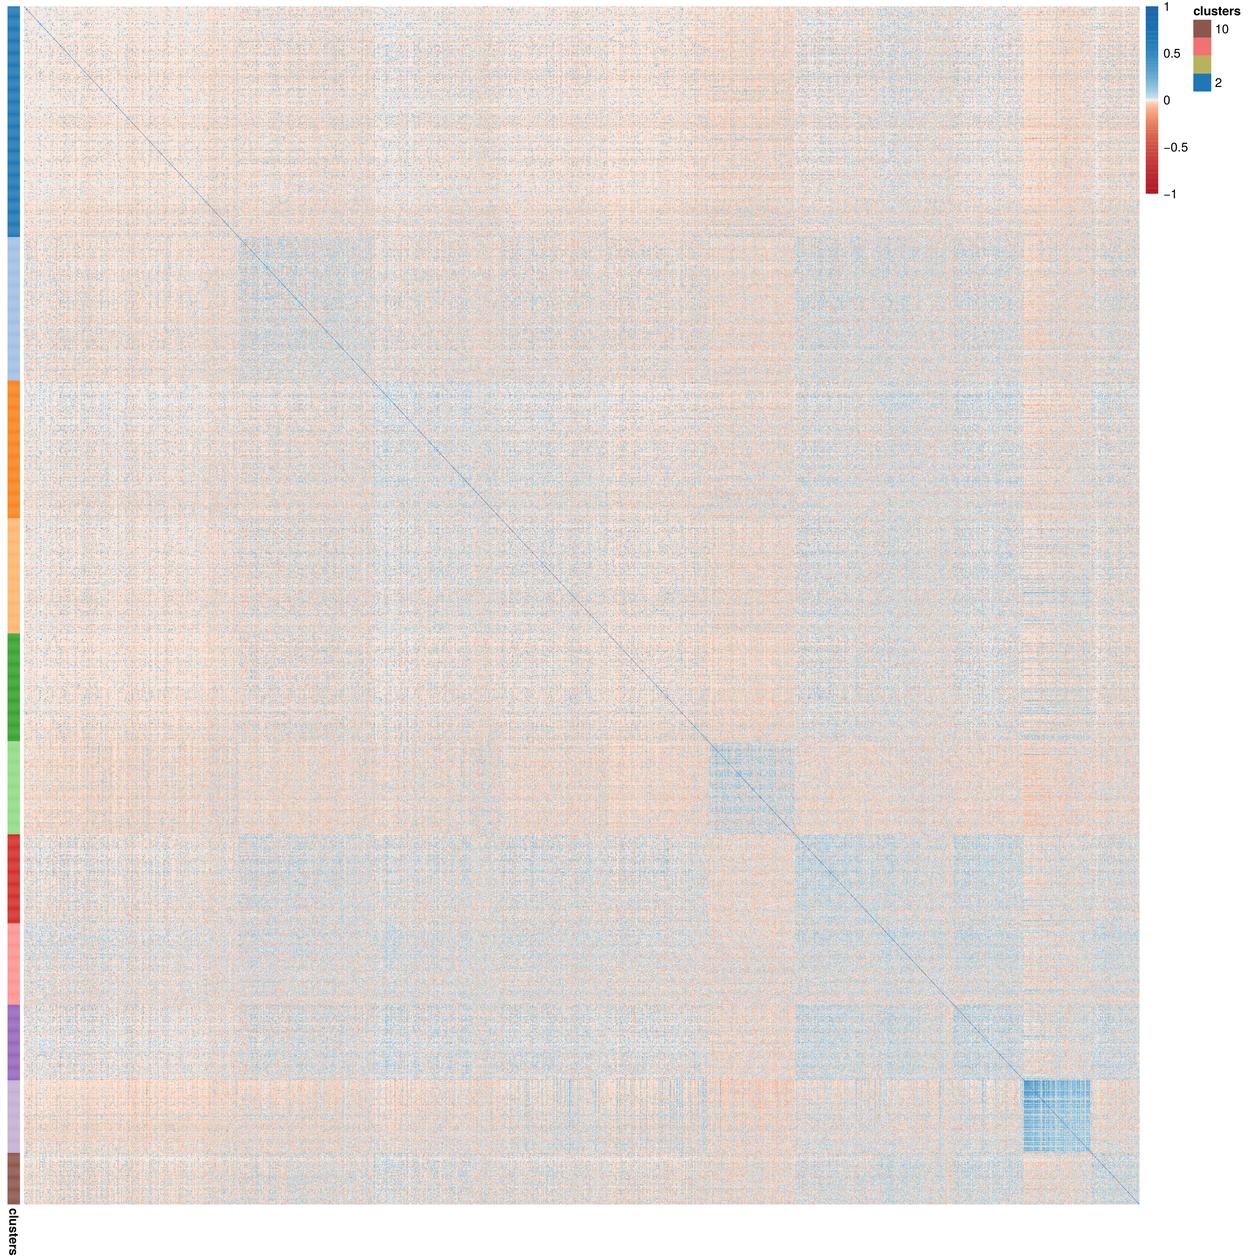 Slides_stat_methods_bioinf/clustering.png